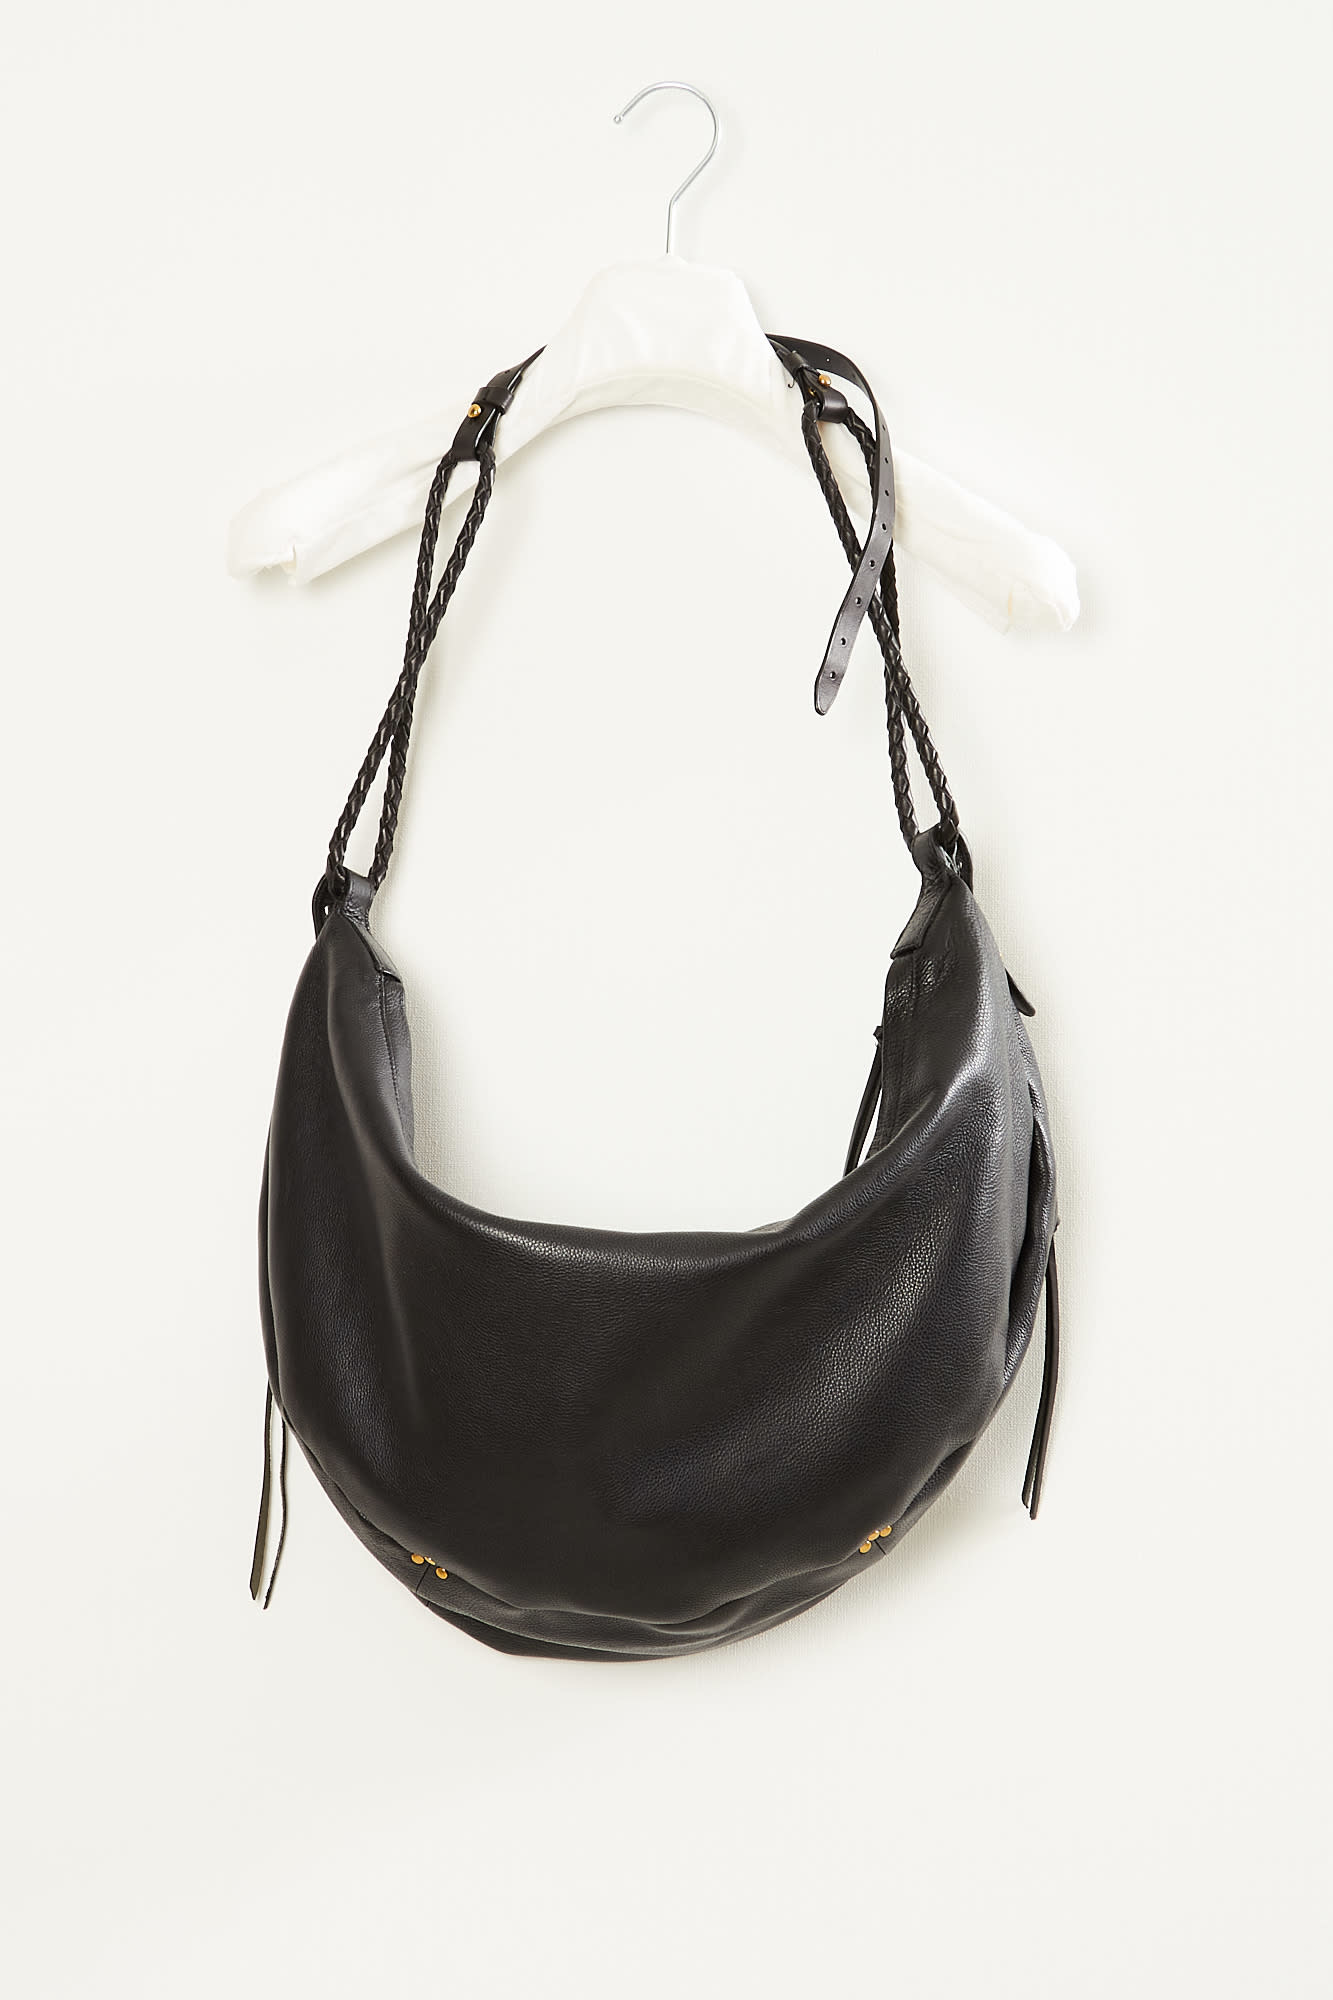 Jerome Dreyfuss handbag 90% calfskin 5% goatskin 5% cowskin / lining 100% cotton